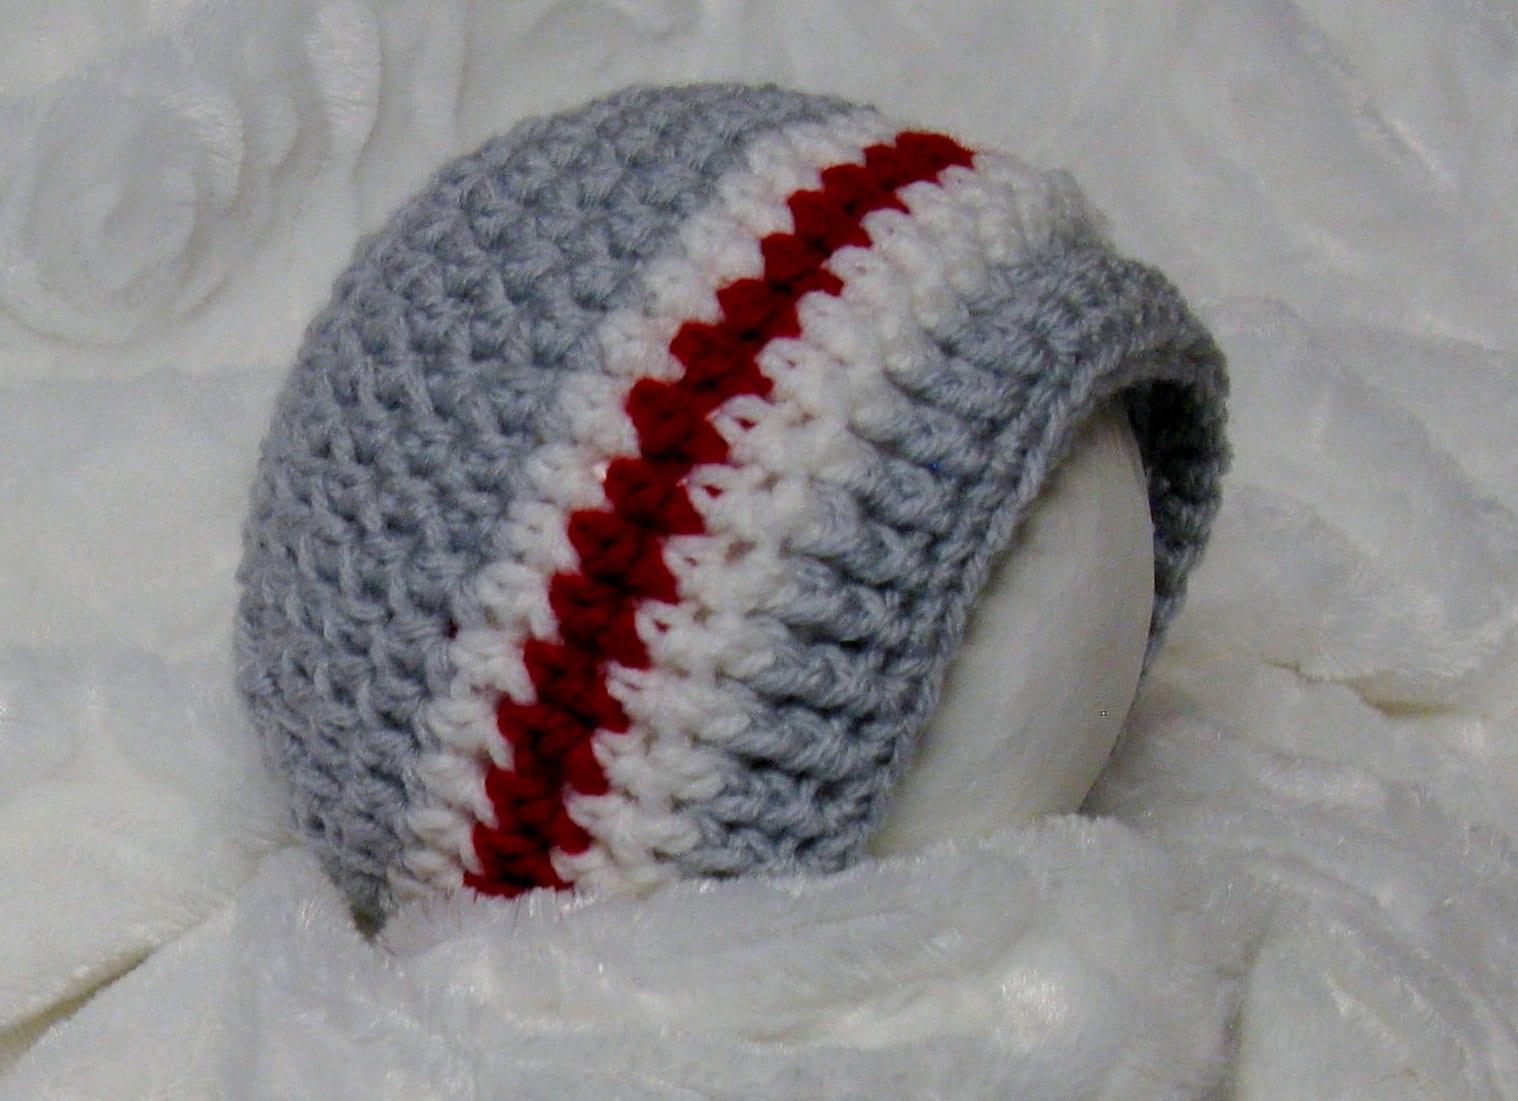 Patron Pdf 38 Bonnet Au Crochet Pour Bébé Style Bas De Laine Patron Facile  Explications En Français 3petitesmailles c5417a04730